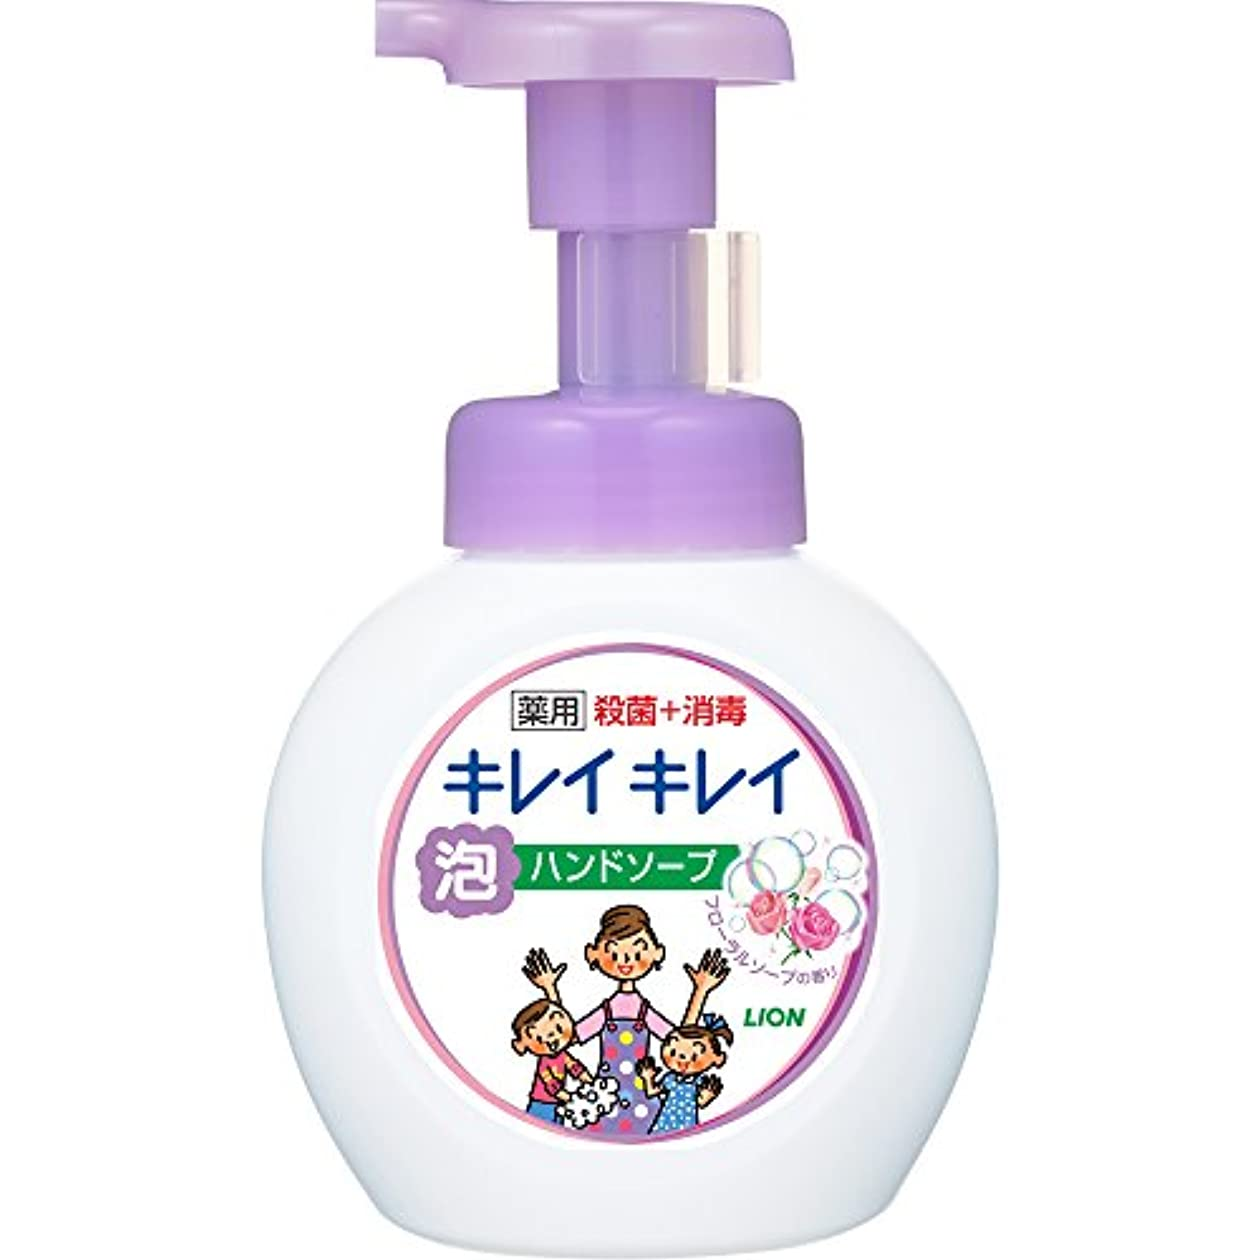 下るアート準拠キレイキレイ 薬用 泡ハンドソープ フローラルソープの香り 本体ポンプ 250ml(医薬部外品)